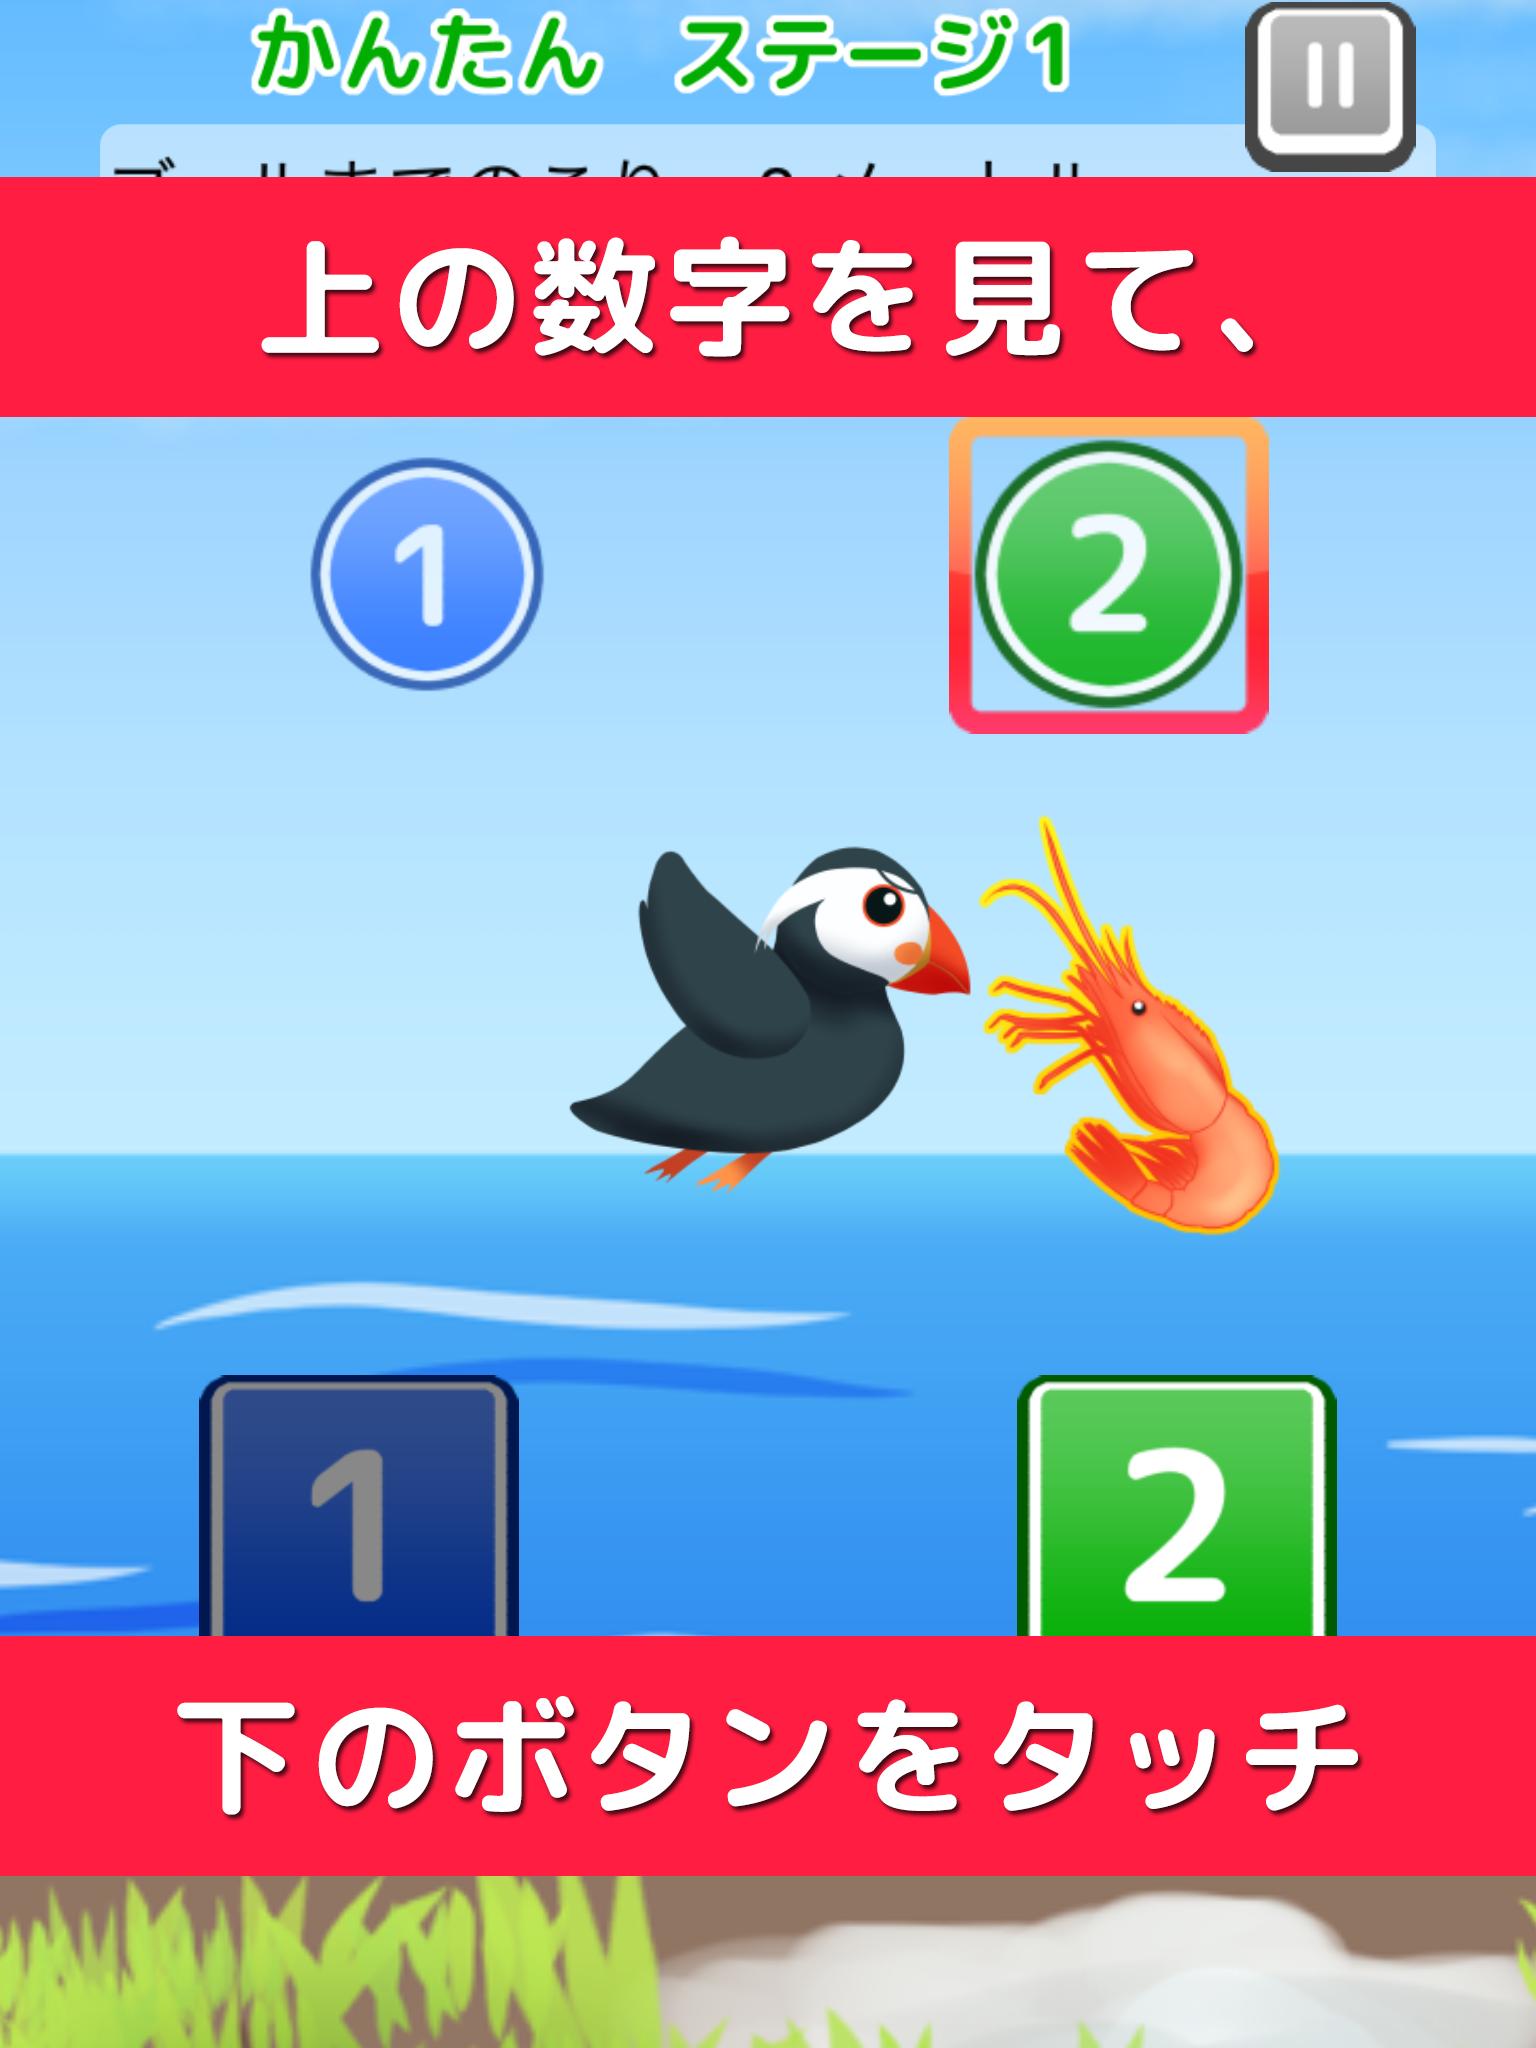 ja_iPad_2.png